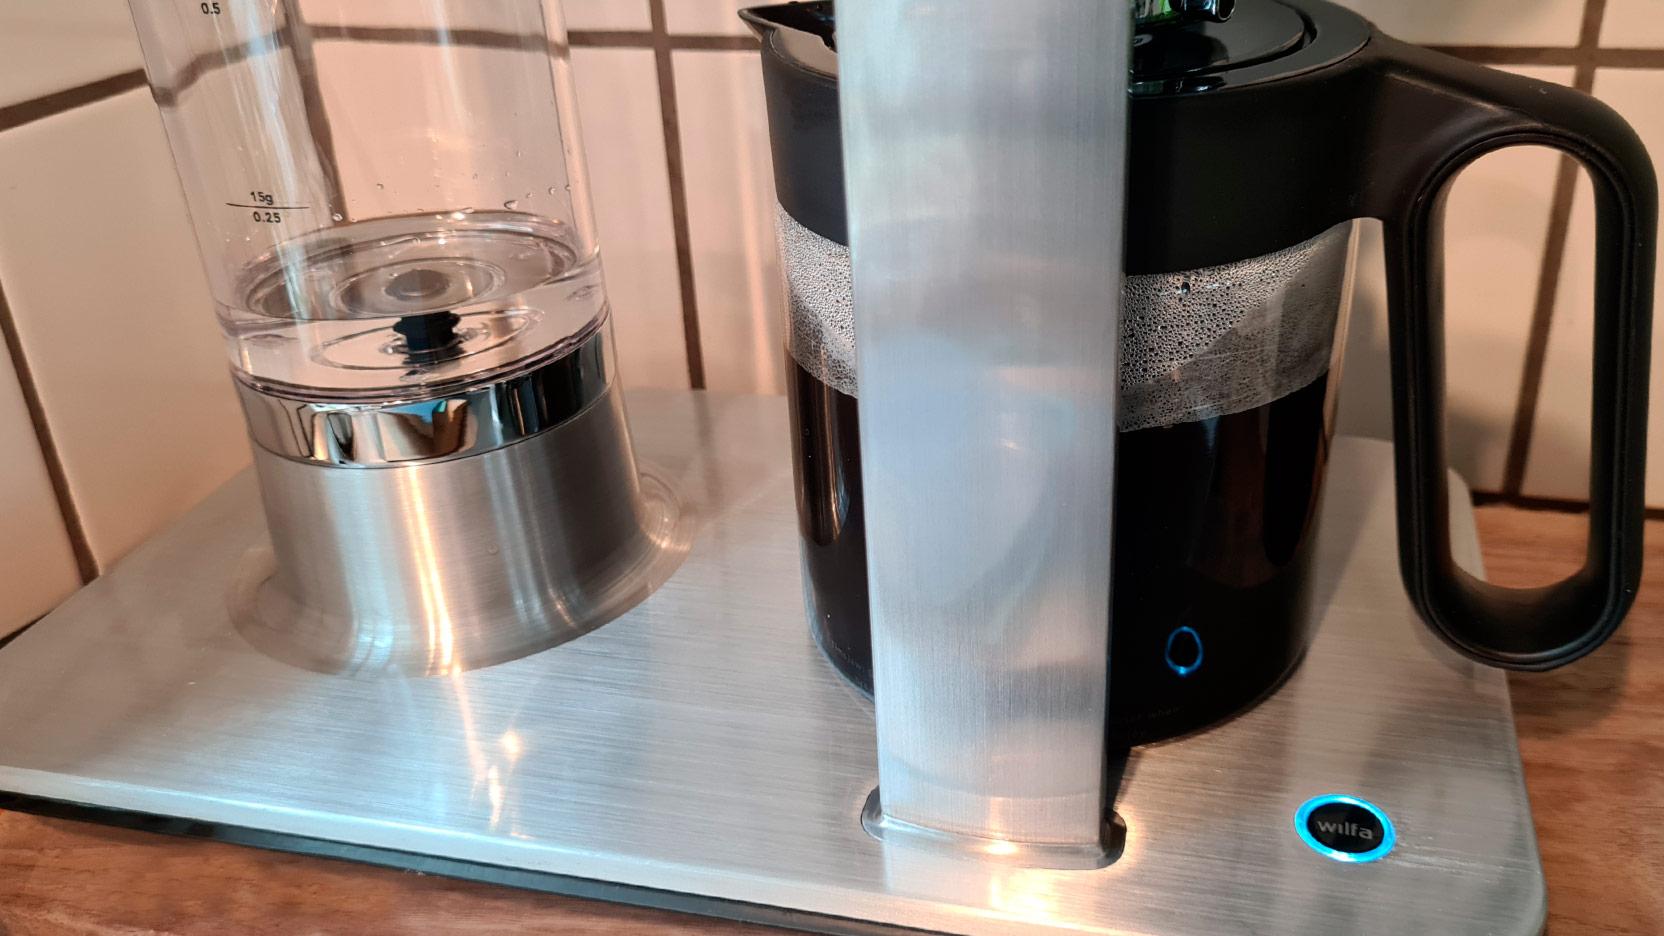 Bild av Wilfa Svart Precision som nästan bryggt en hel kanna kaffe